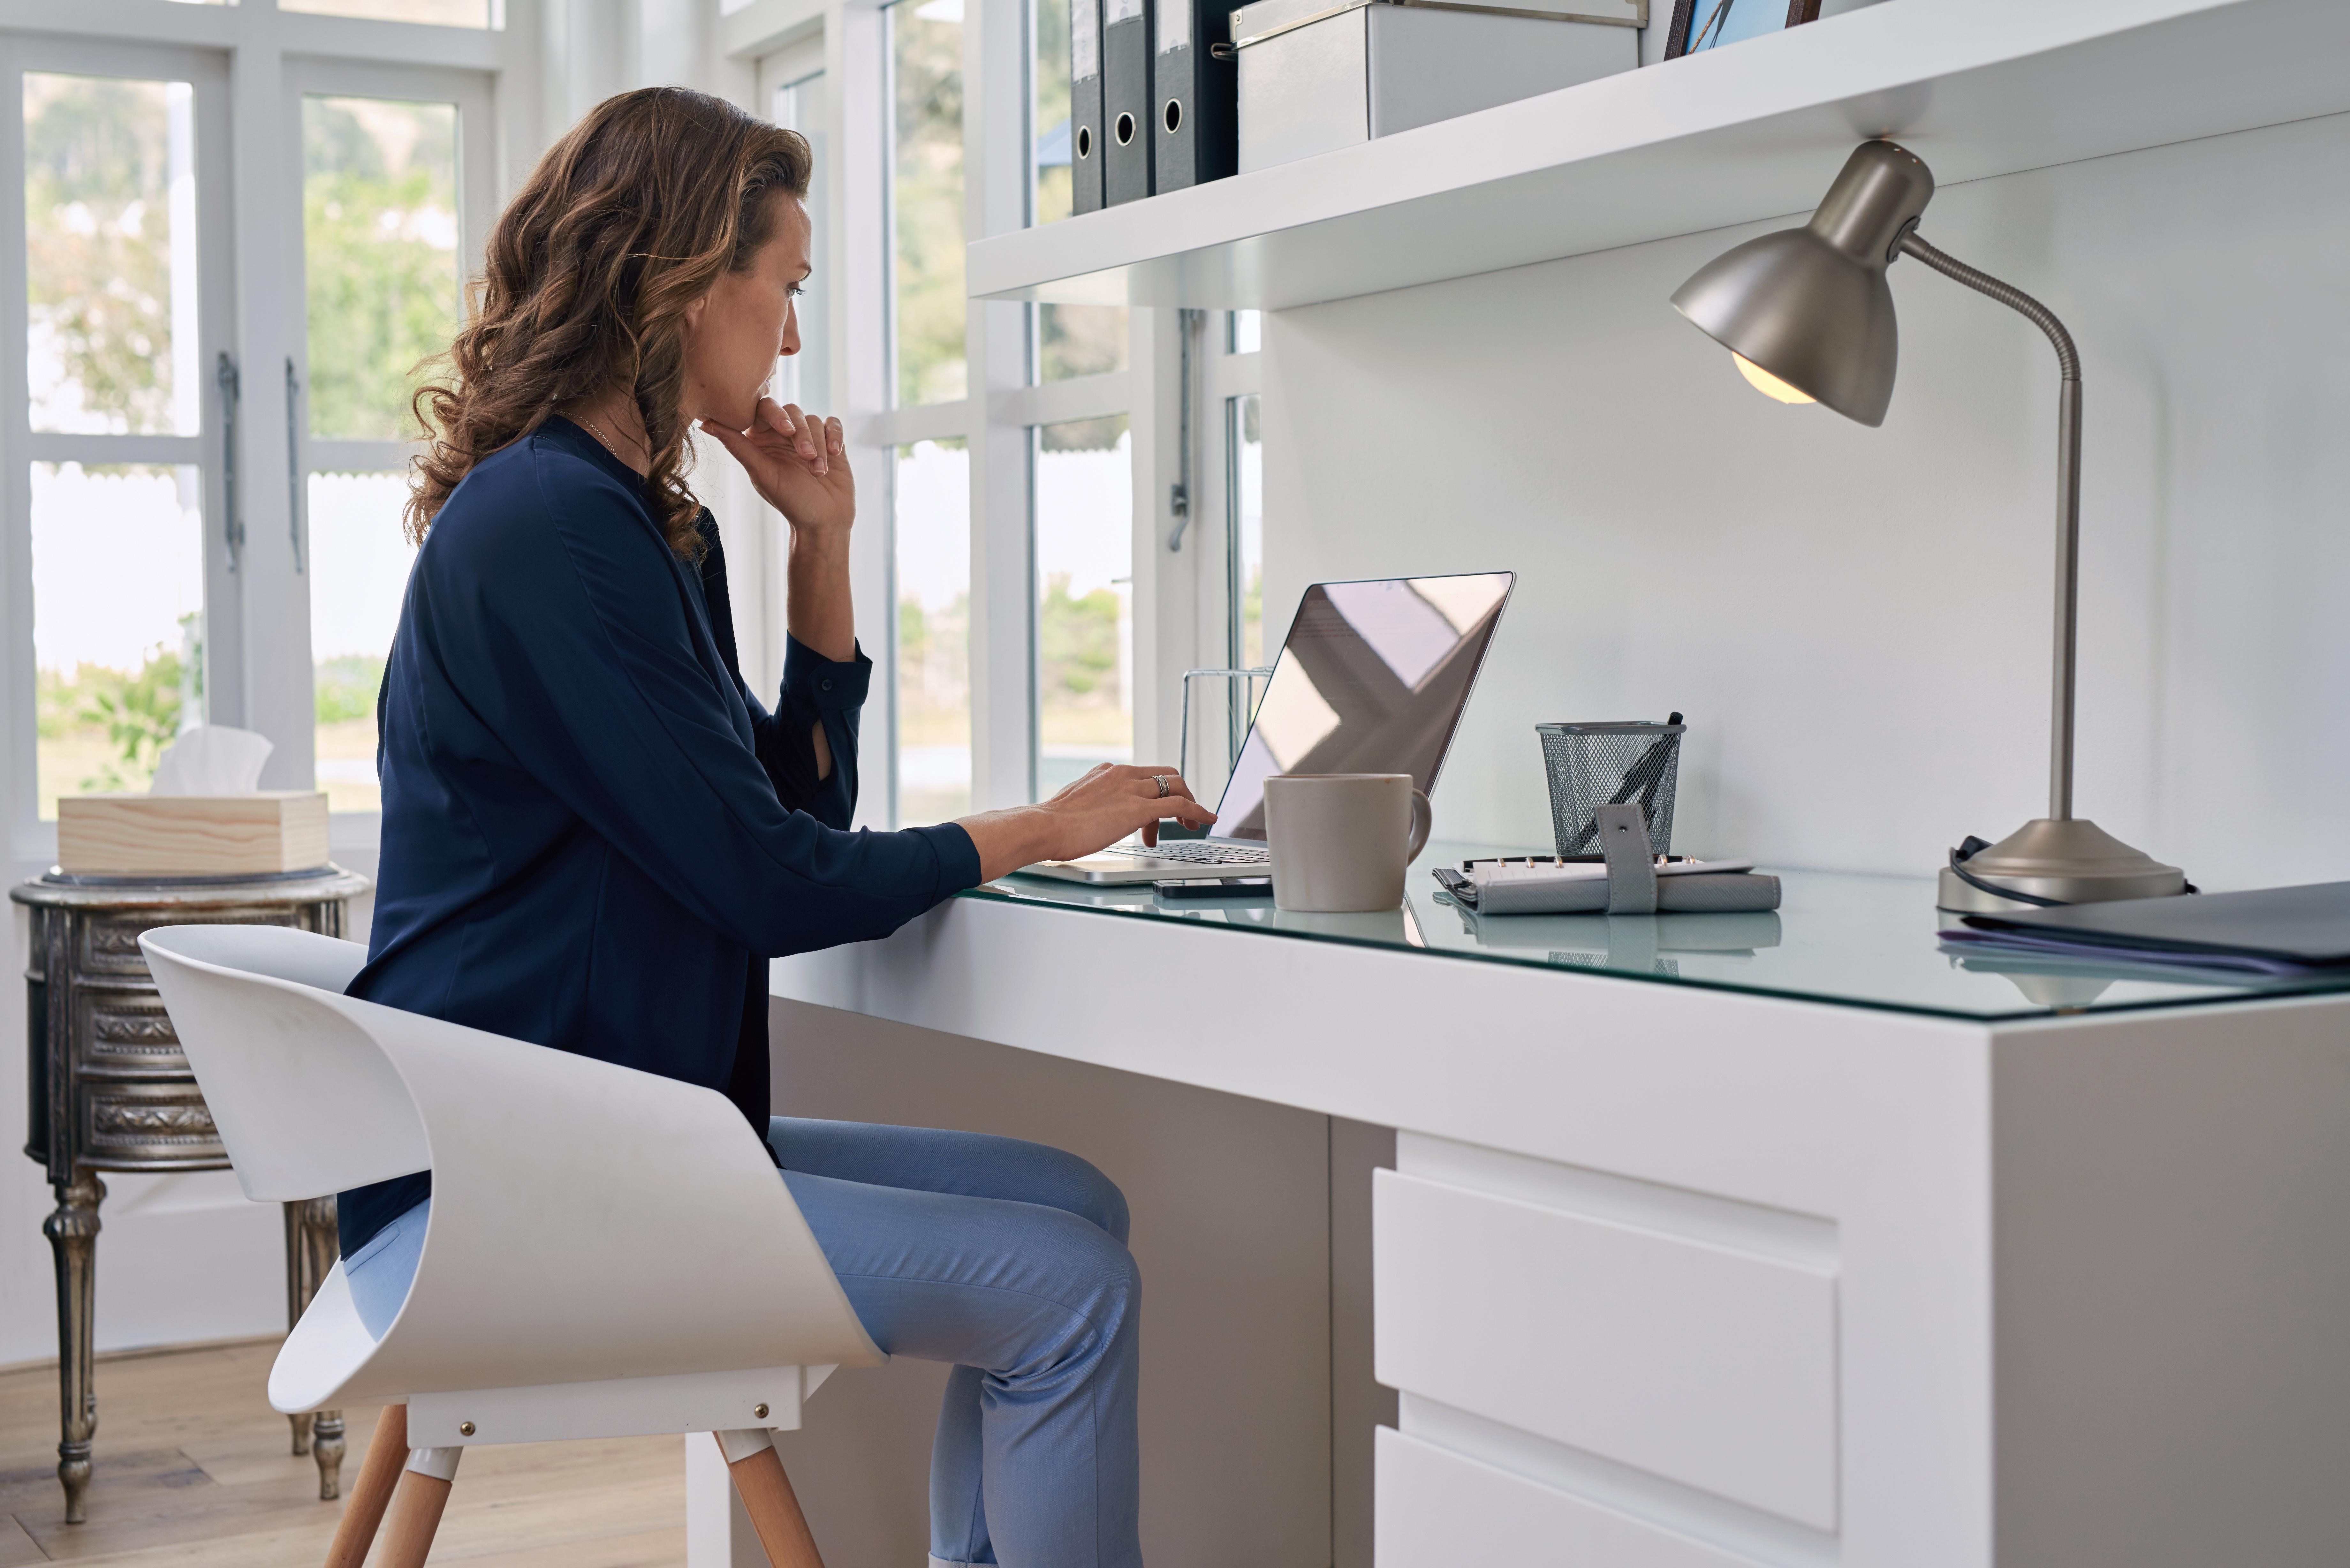 Praca zdalna jako polecenie pracodawcy - kiedy będzie można wysłać pracownika na home office?